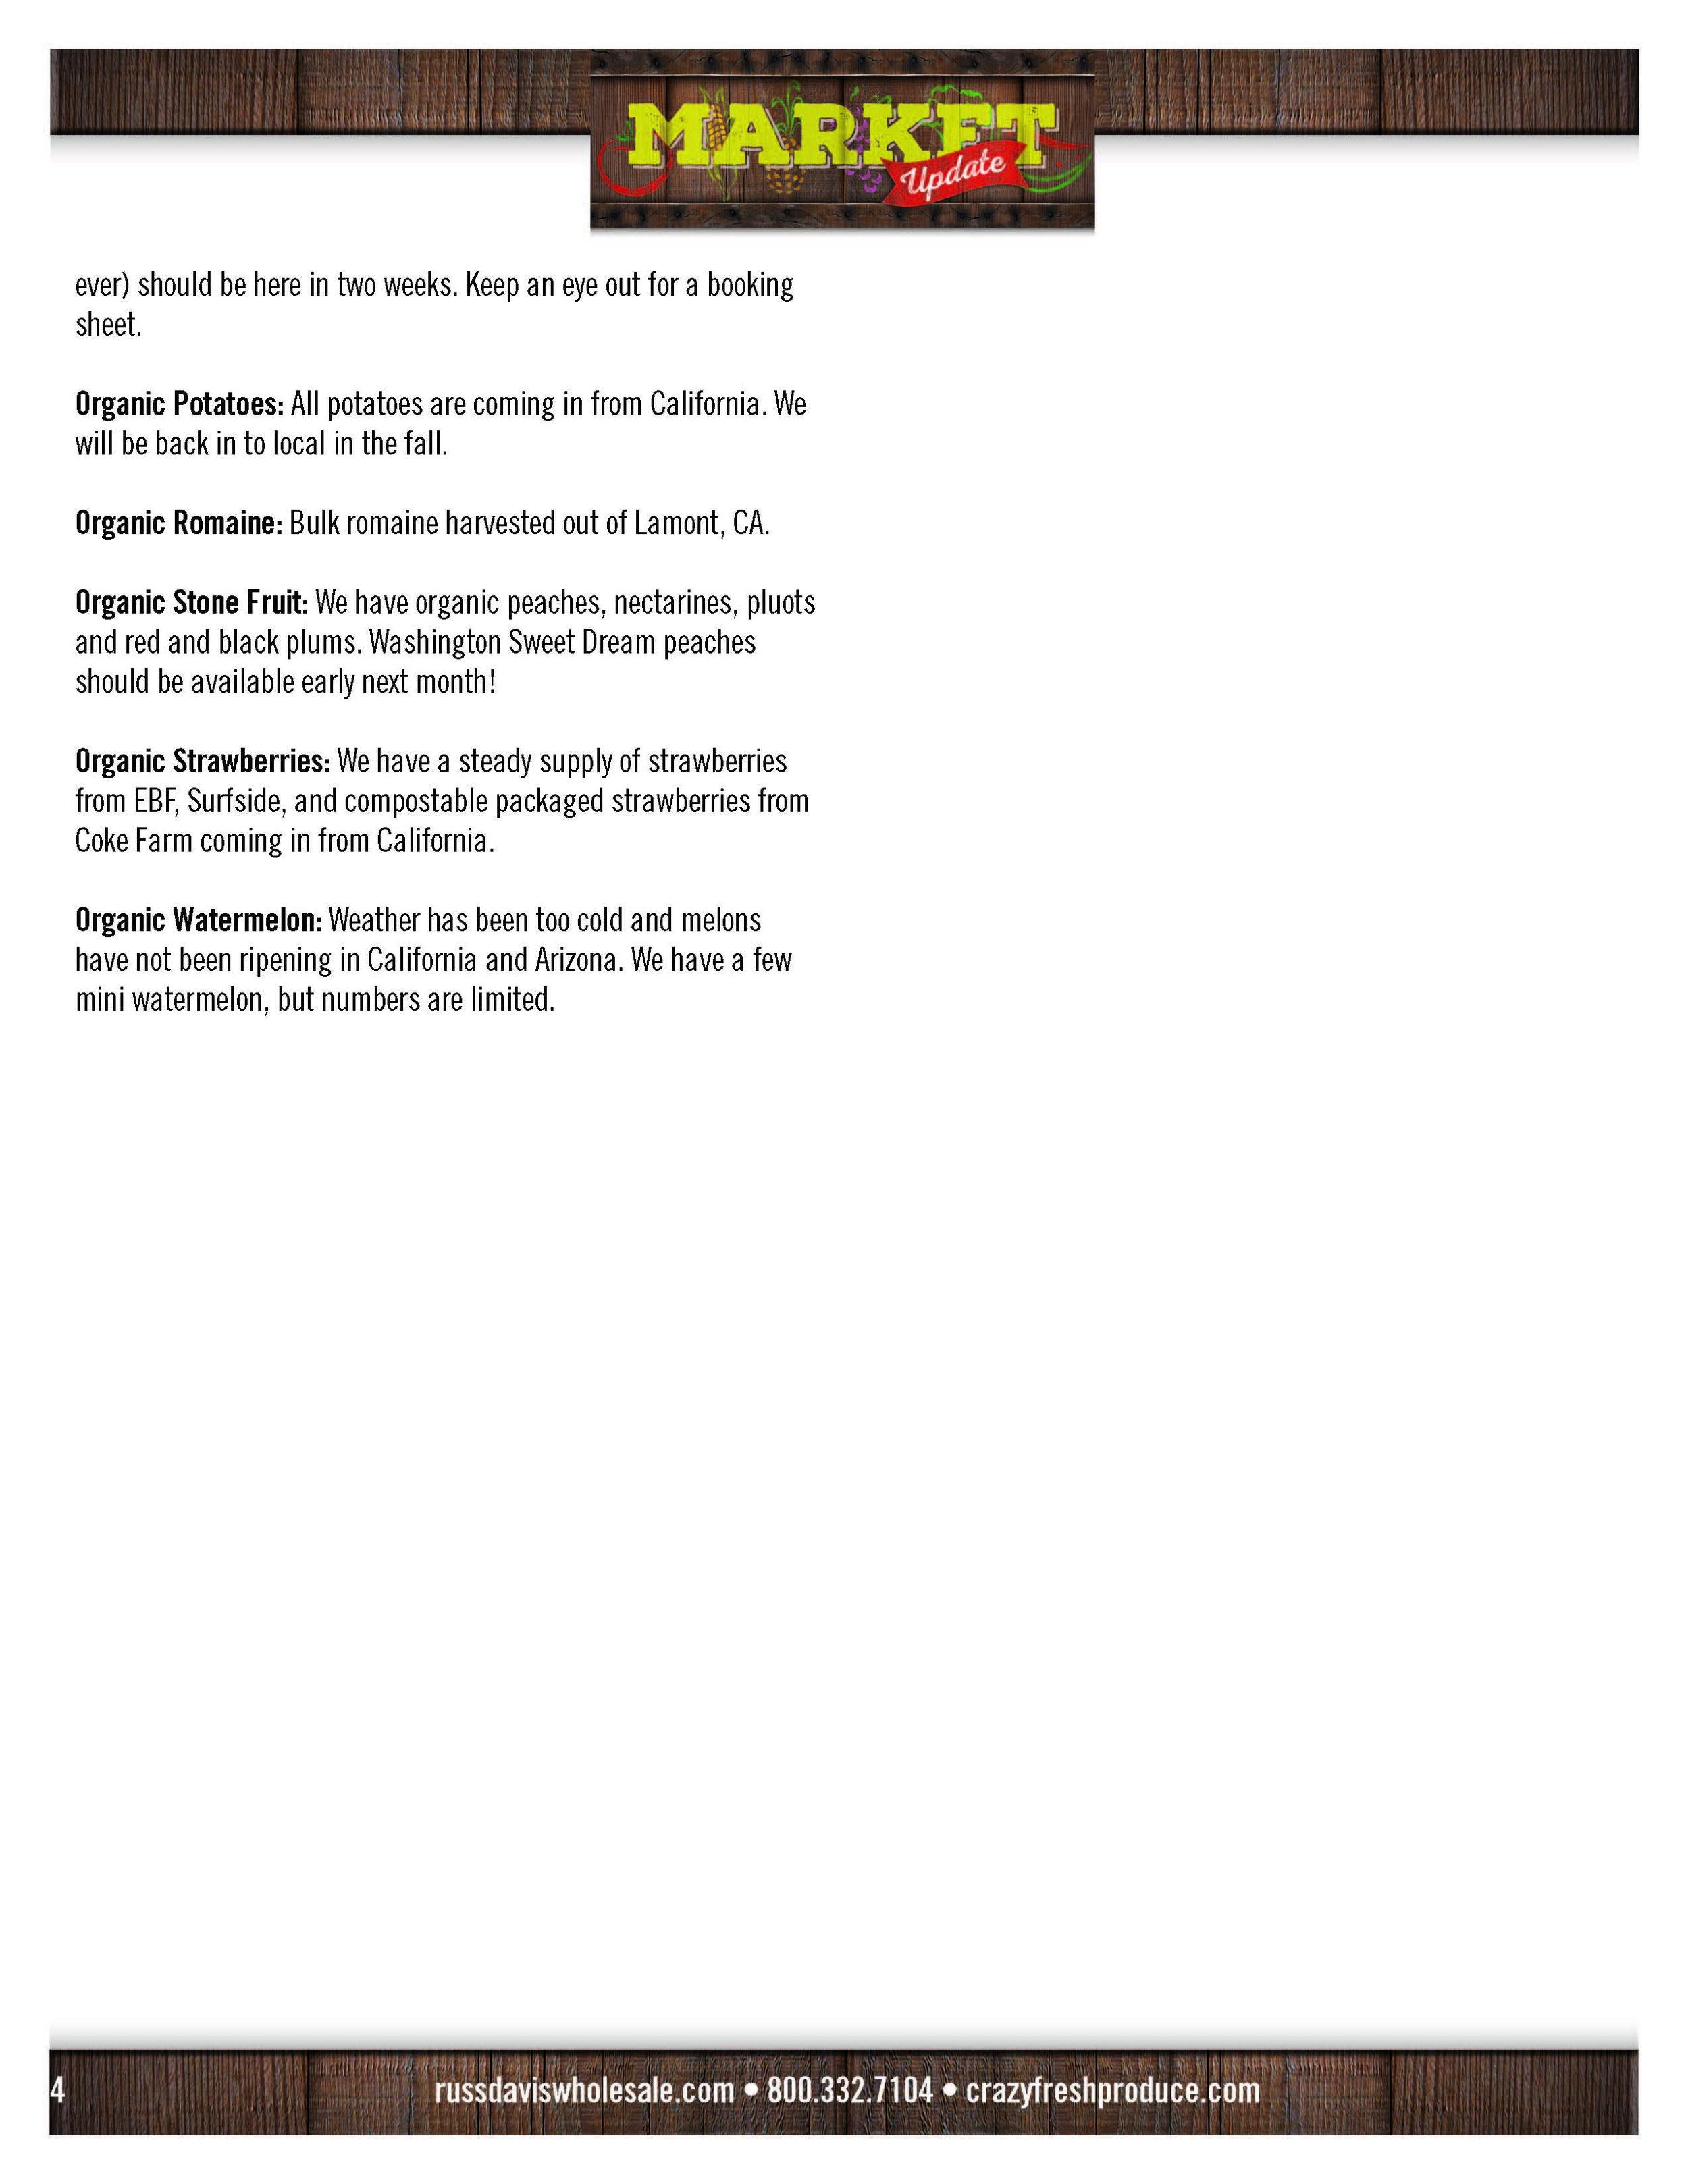 RDW_Market_Update_Aug1_19_Page_5.jpg